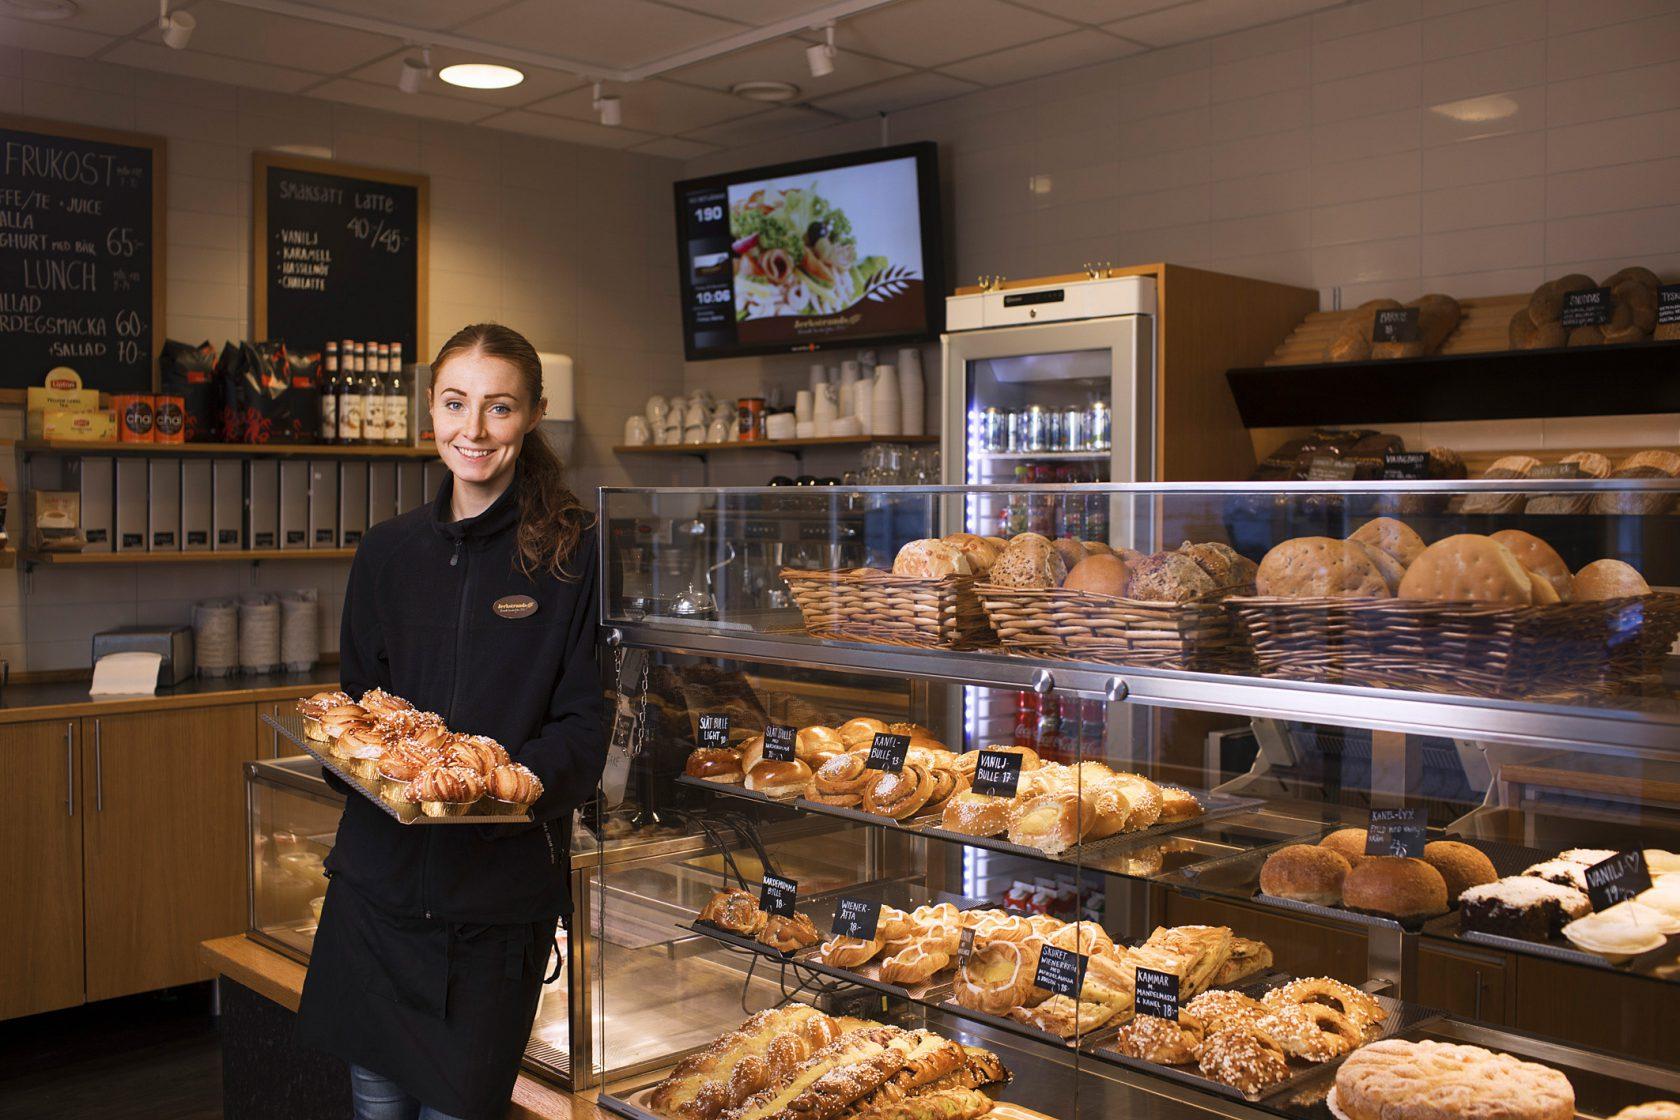 En kvinna i personalen håller upp en bricka med nybakt bröd.